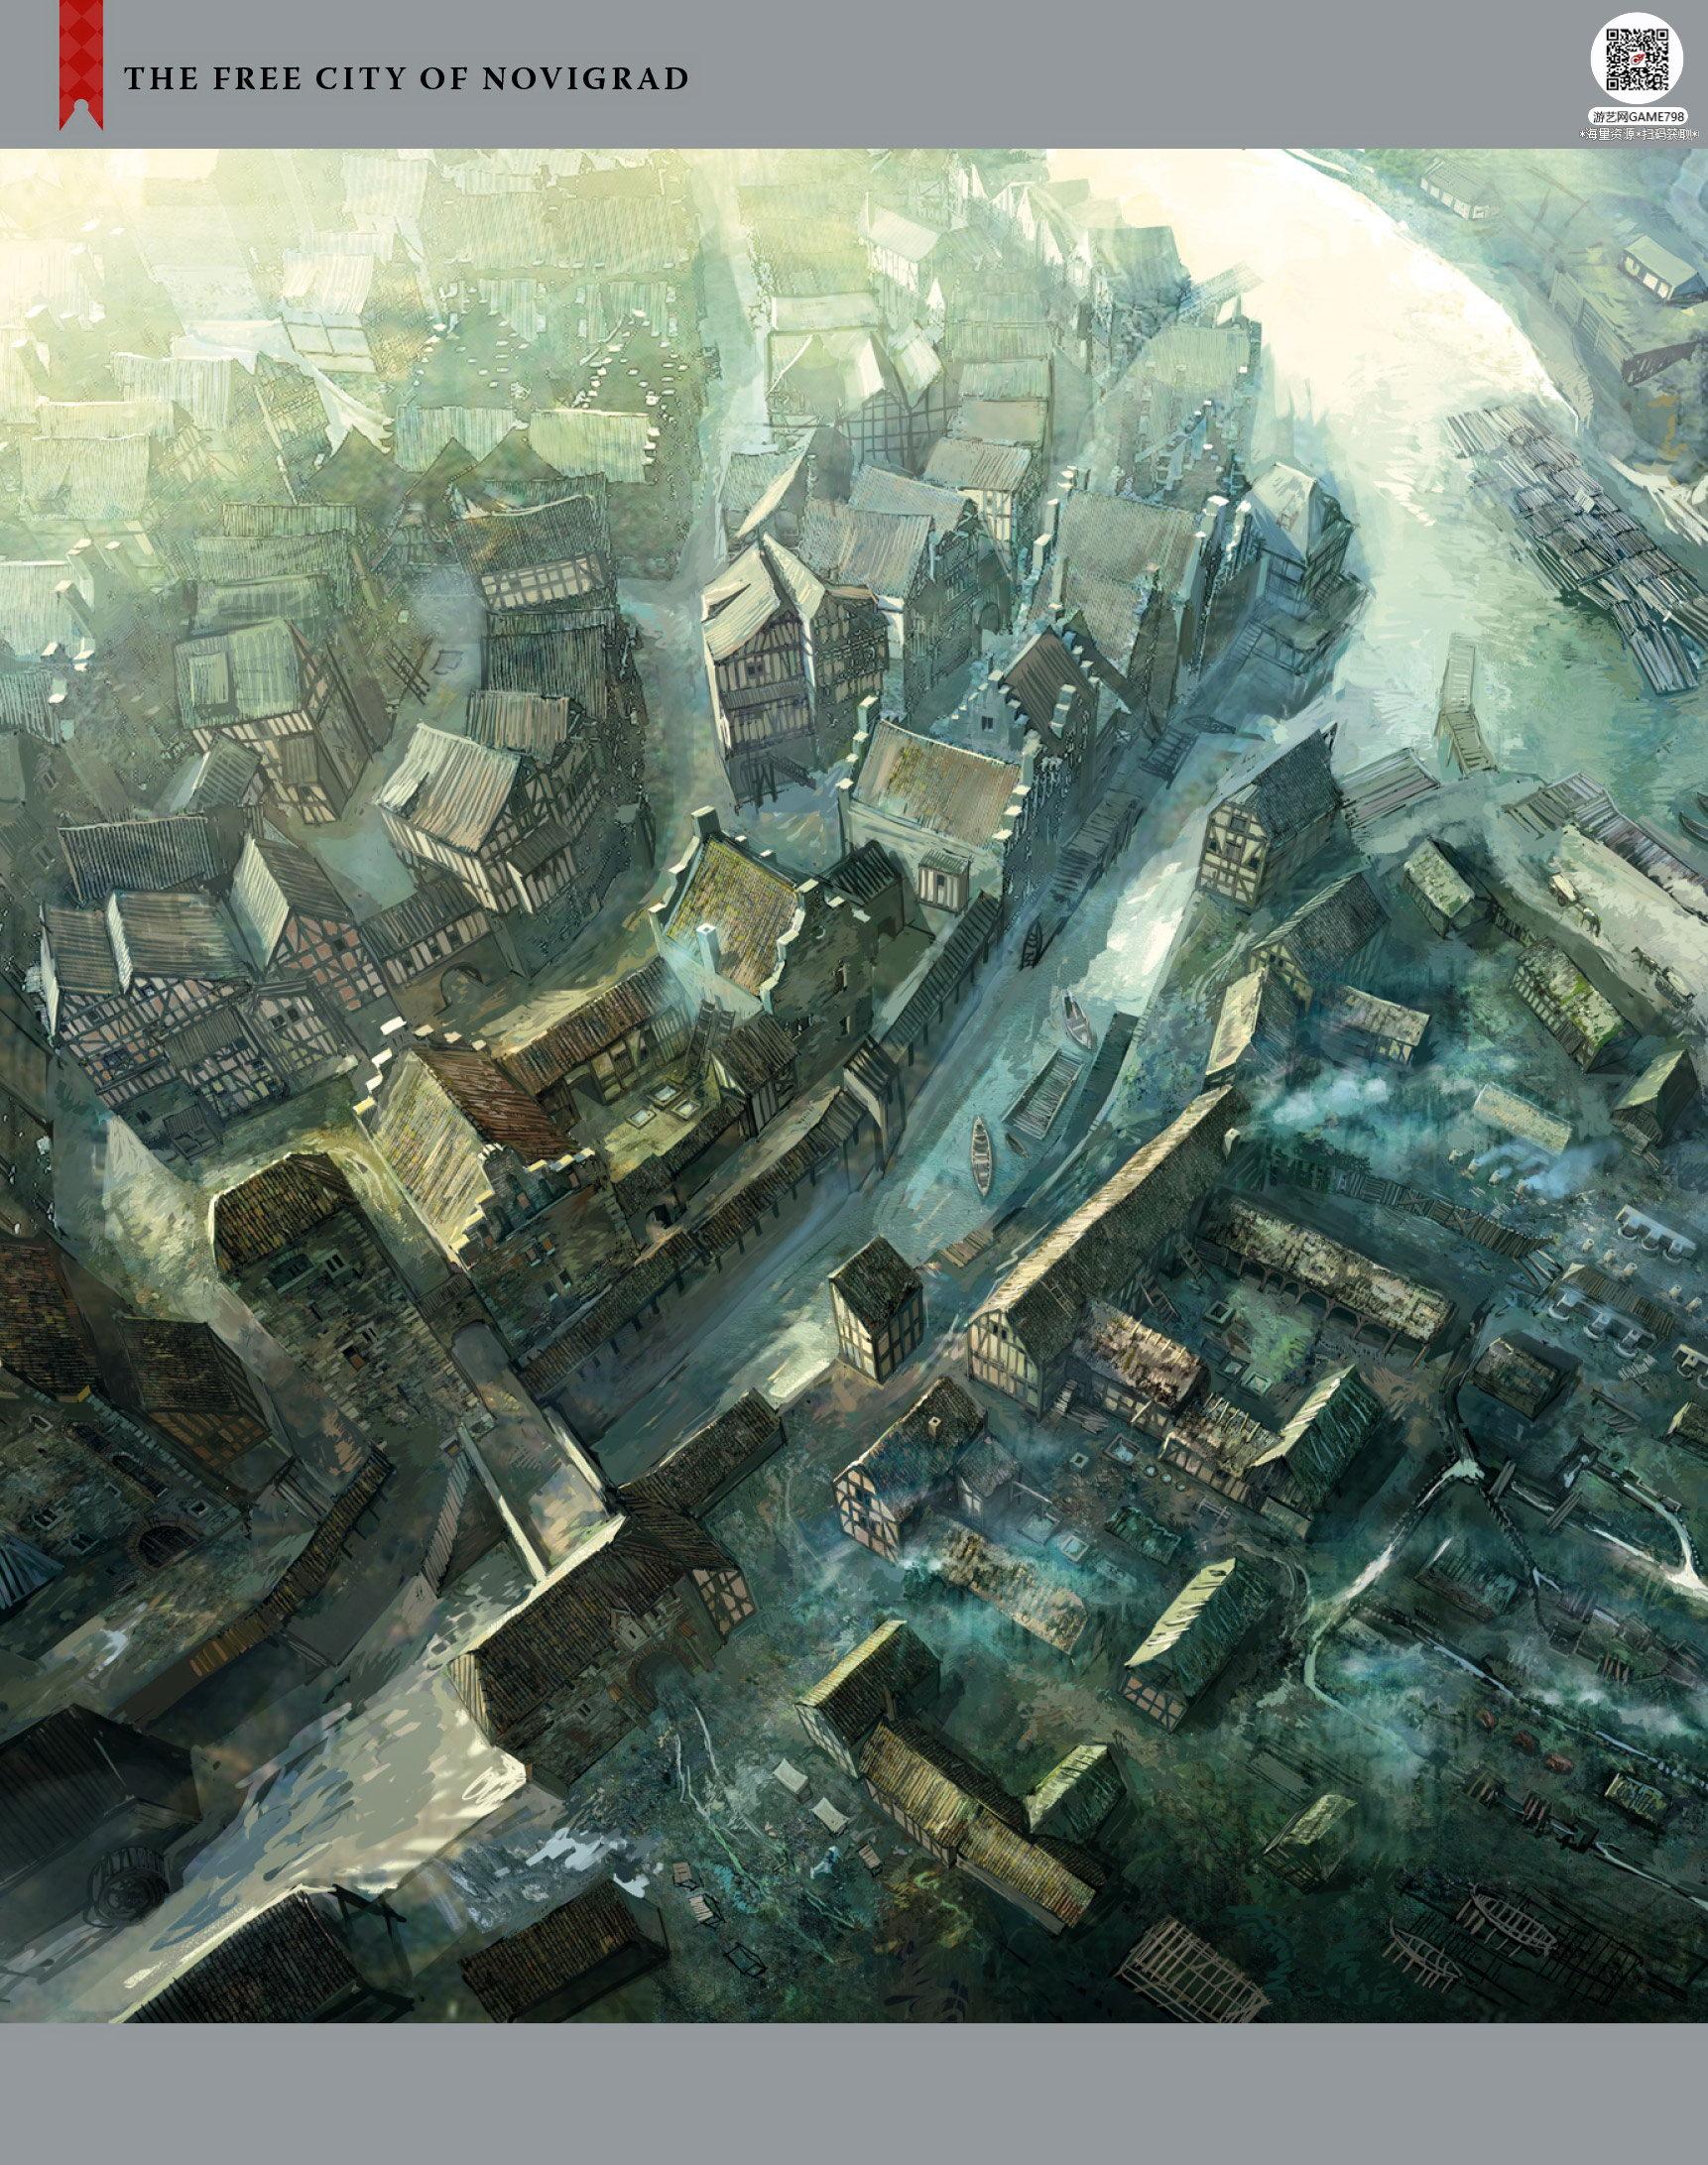 035_关注游艺网公众号获海量资源_次世代游戏巫师3(Witcher)官方原画概念设定.jpg